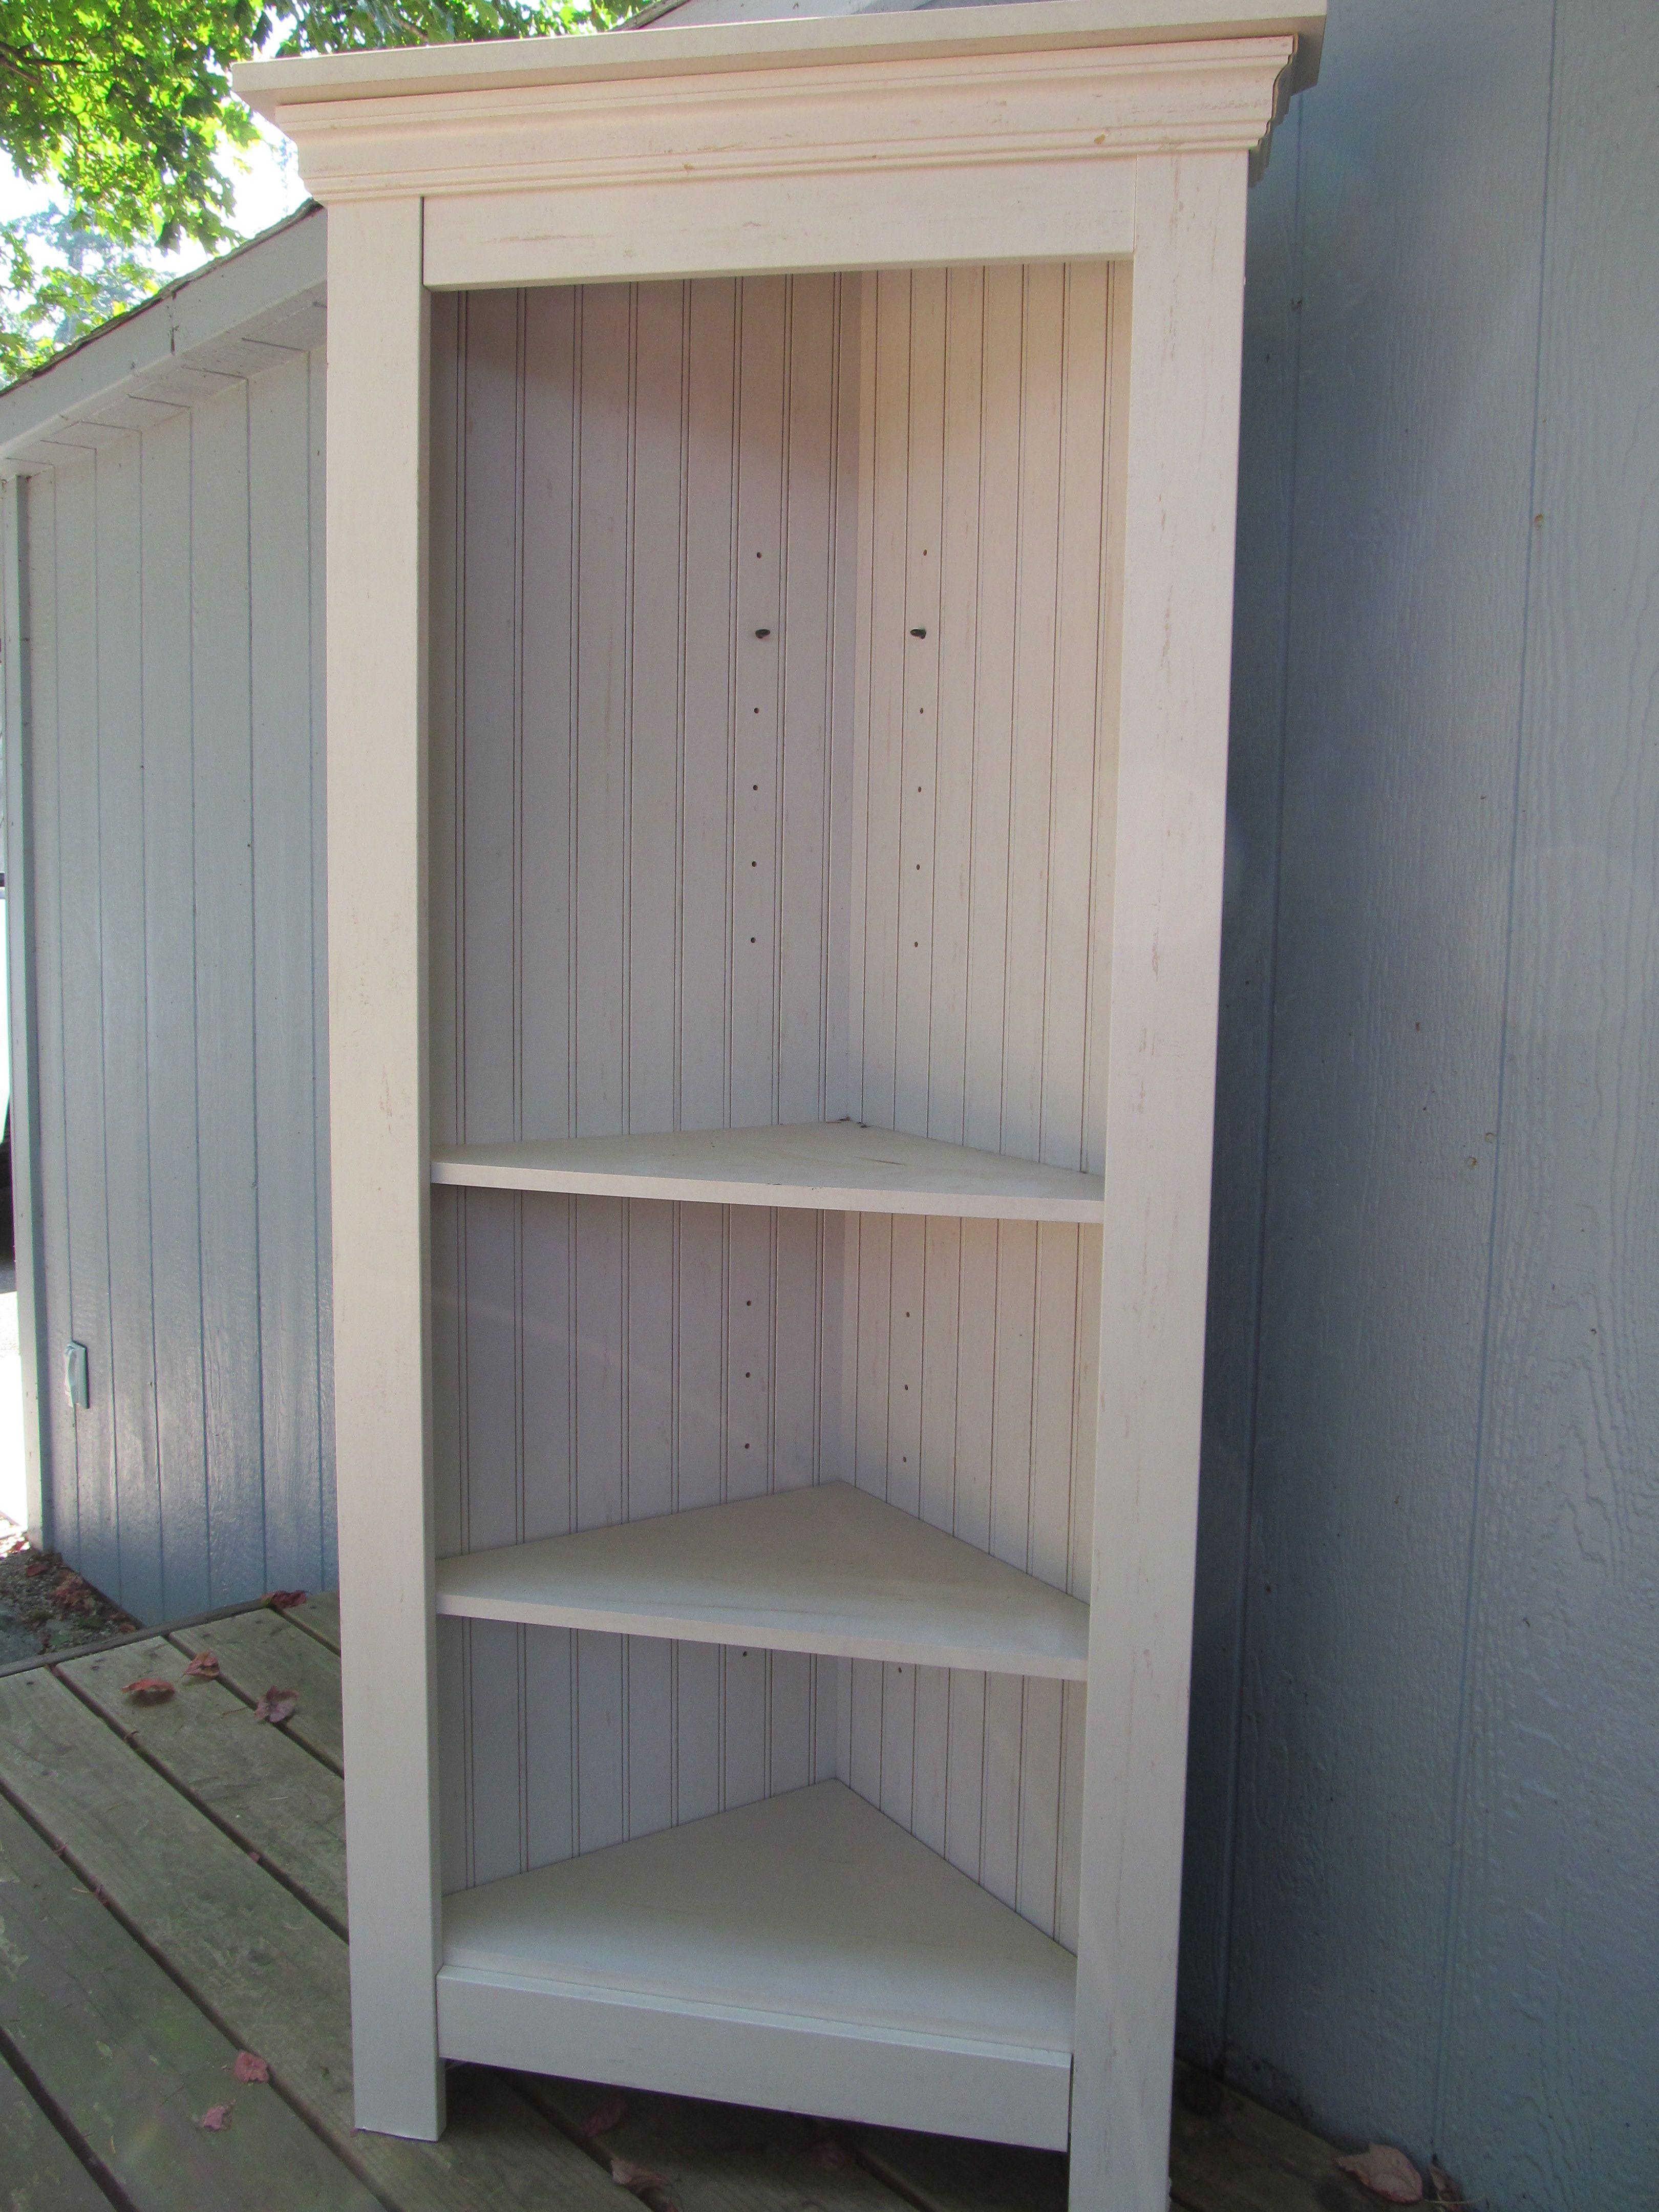 Tall Beadboard Corner Shelves